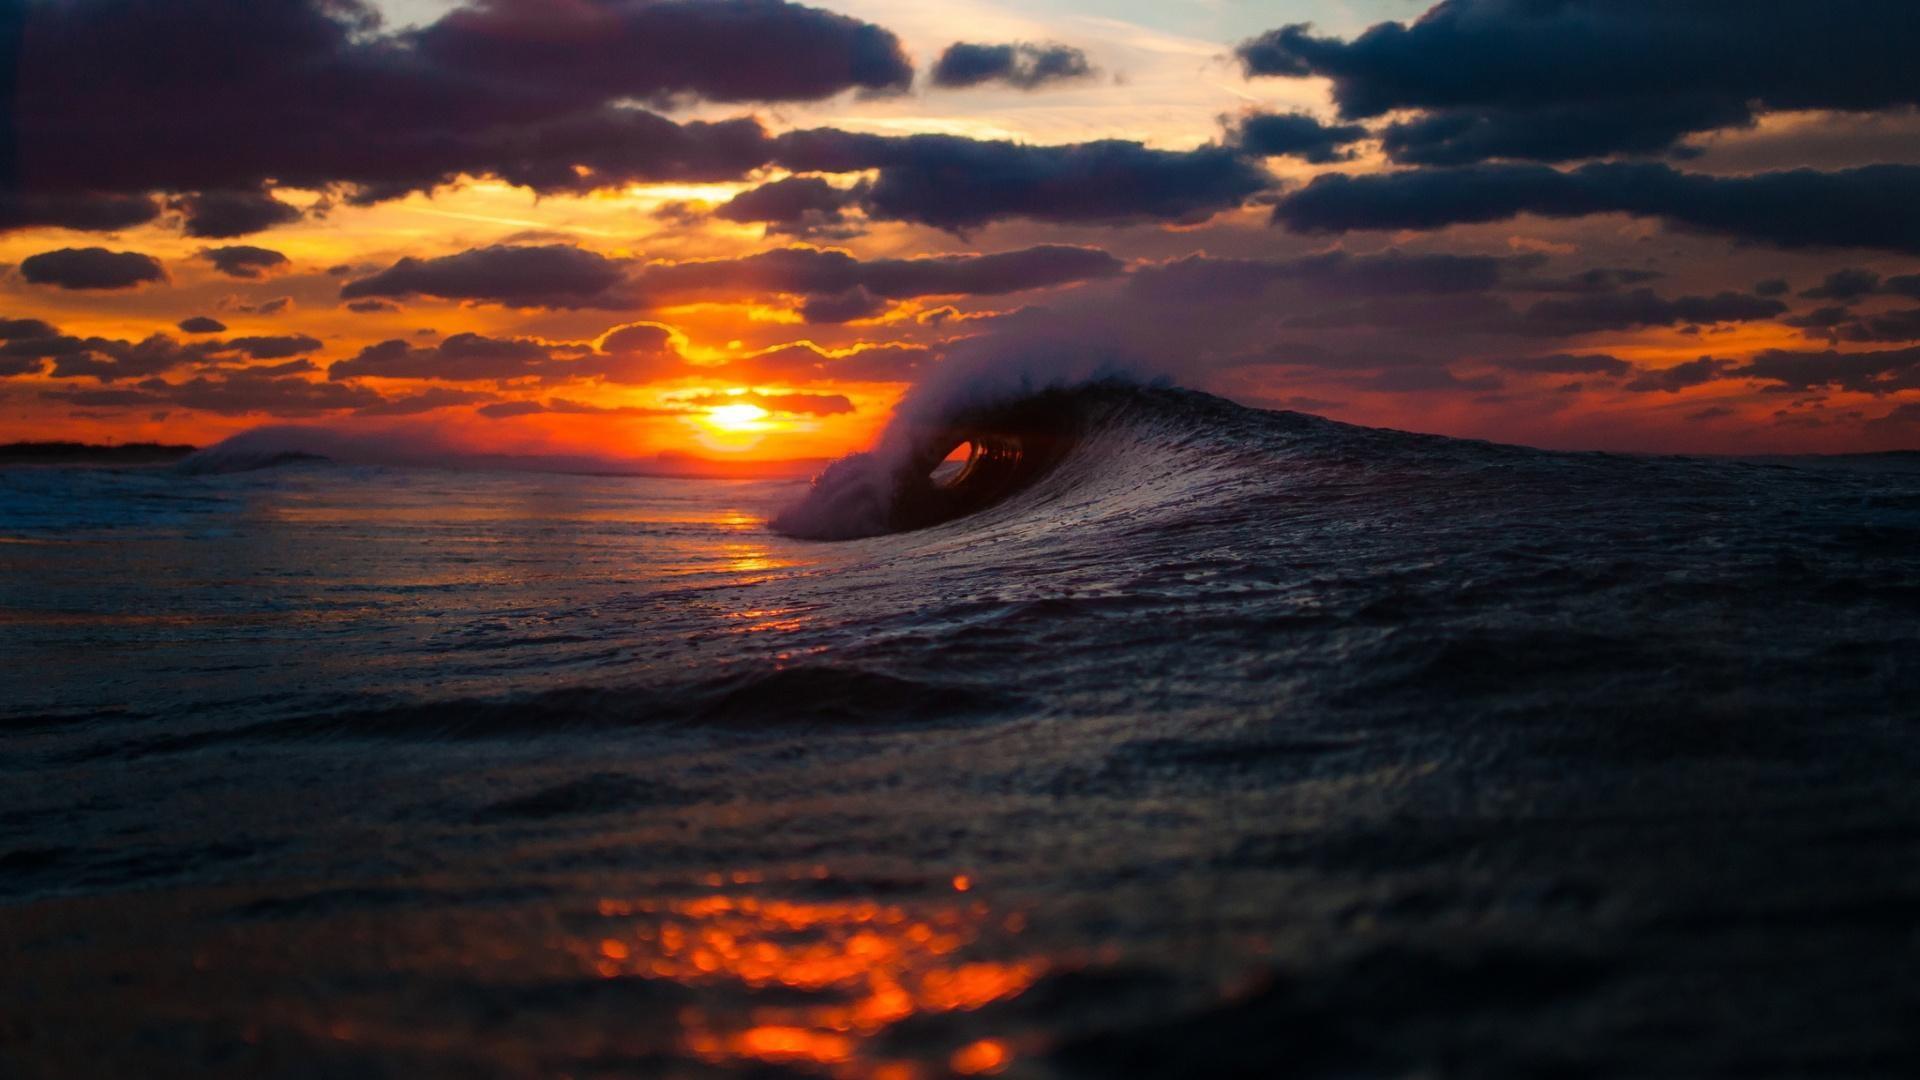 Sunset Wallpaper Hd 1920x1080: Sunset Wallpaper HD (82+ Images